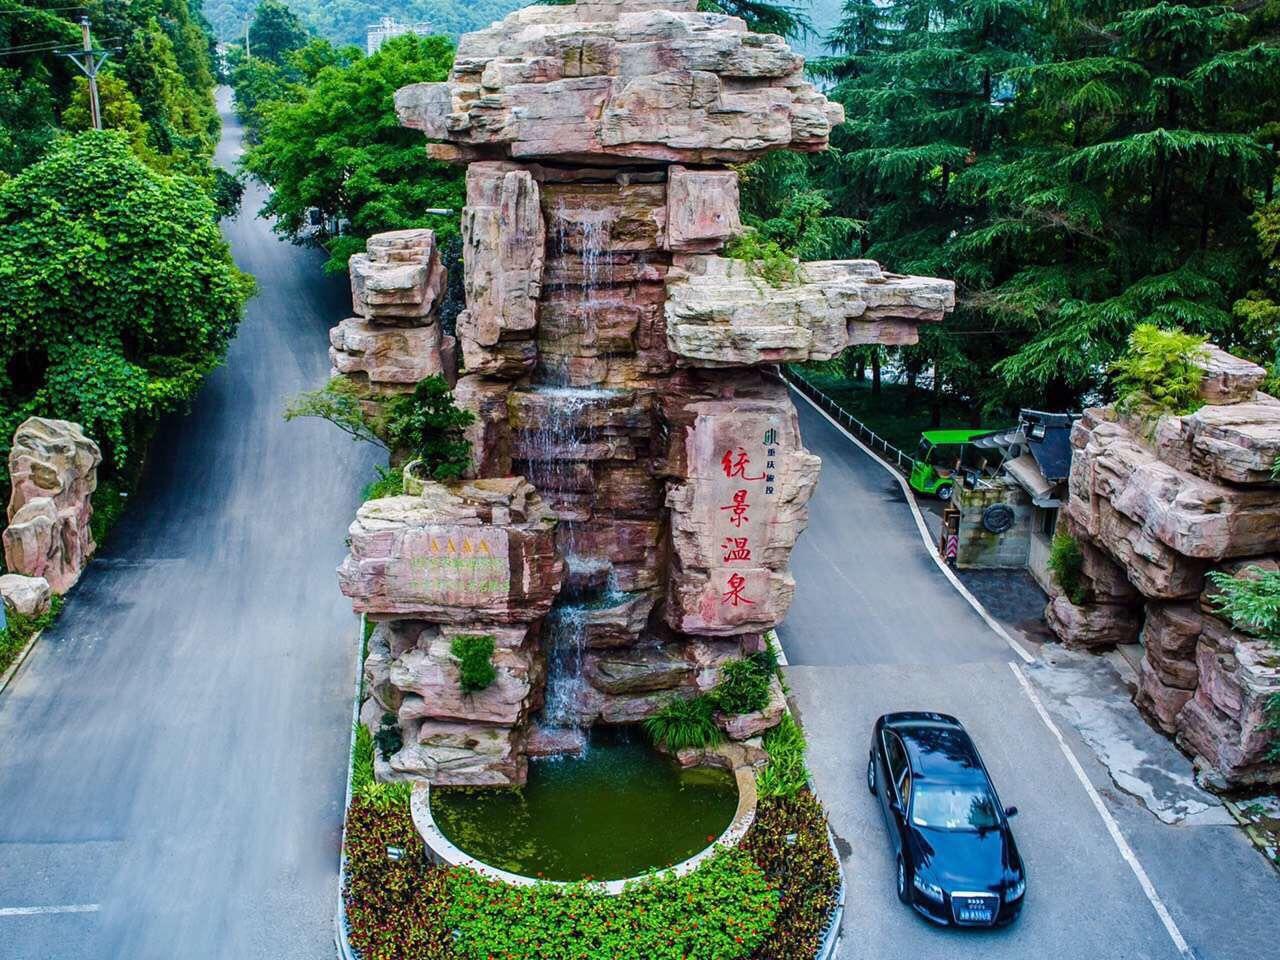 红旗河沟旅游集散分中心至重庆统景风景区(周末)